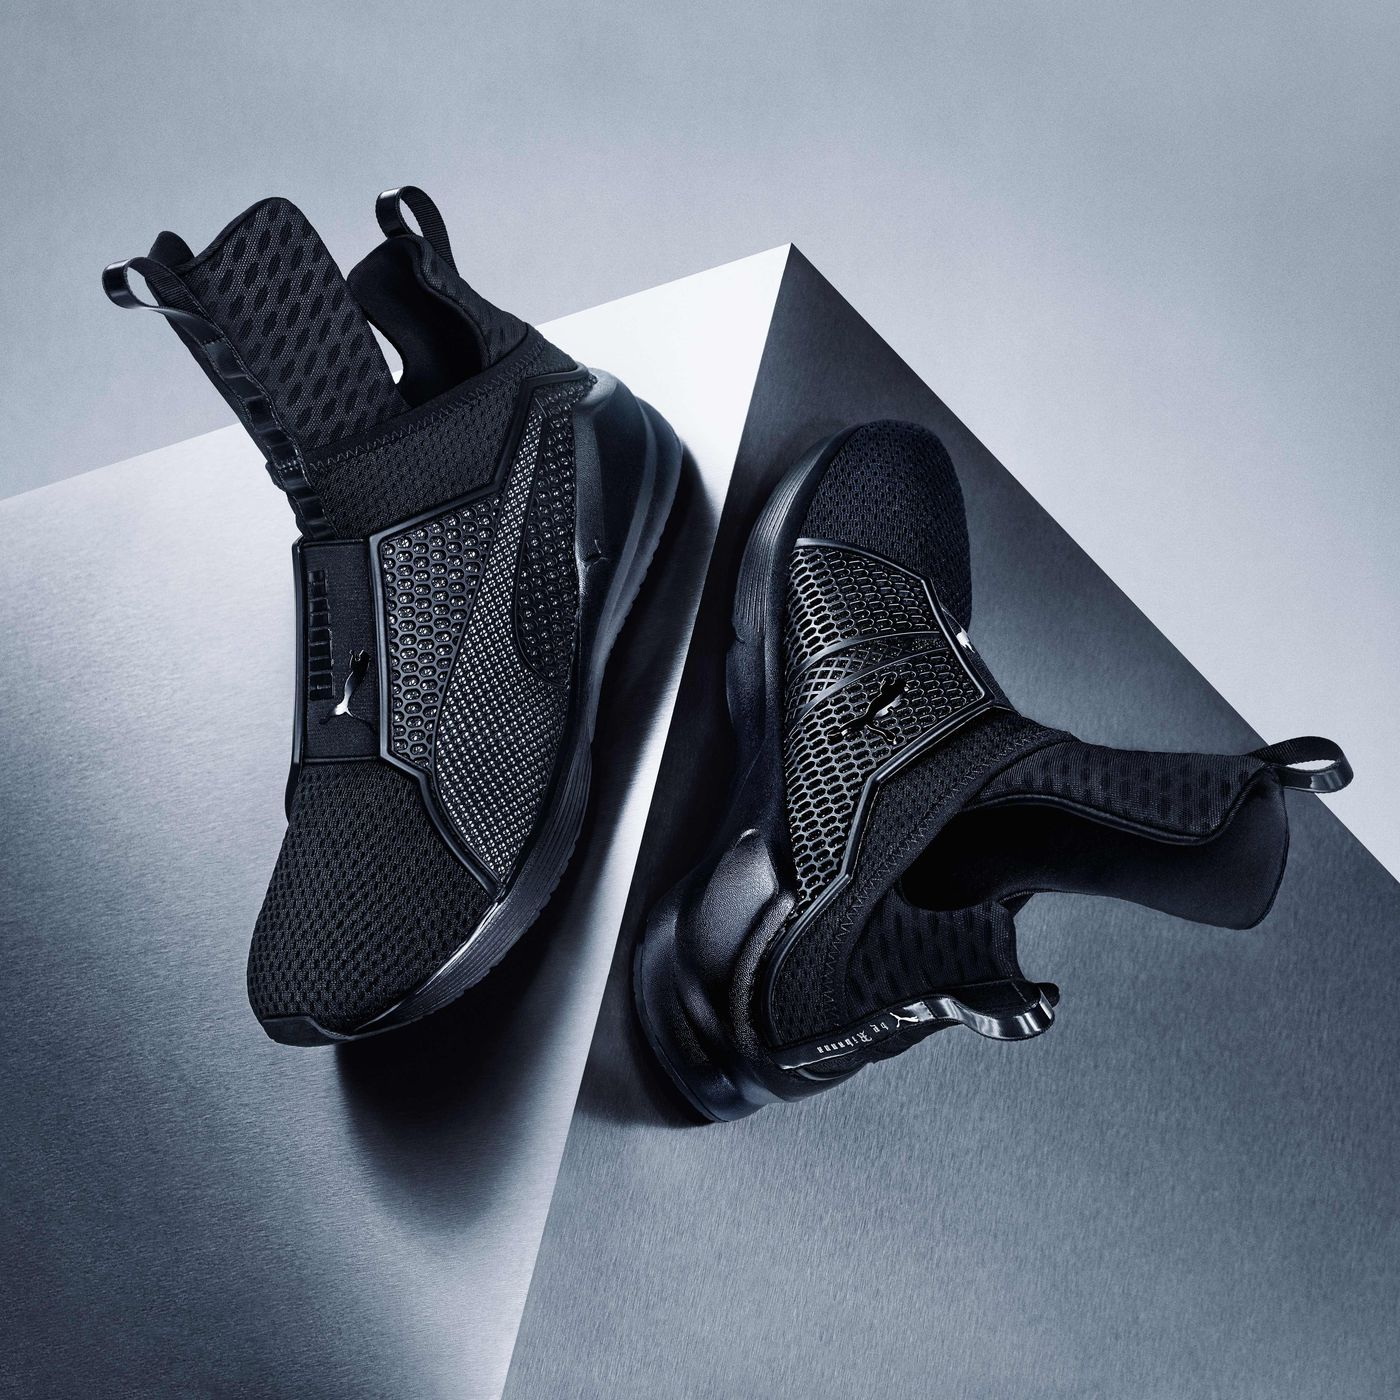 Where to Buy Rihanna's Fenty Puma Sneakers - Racked